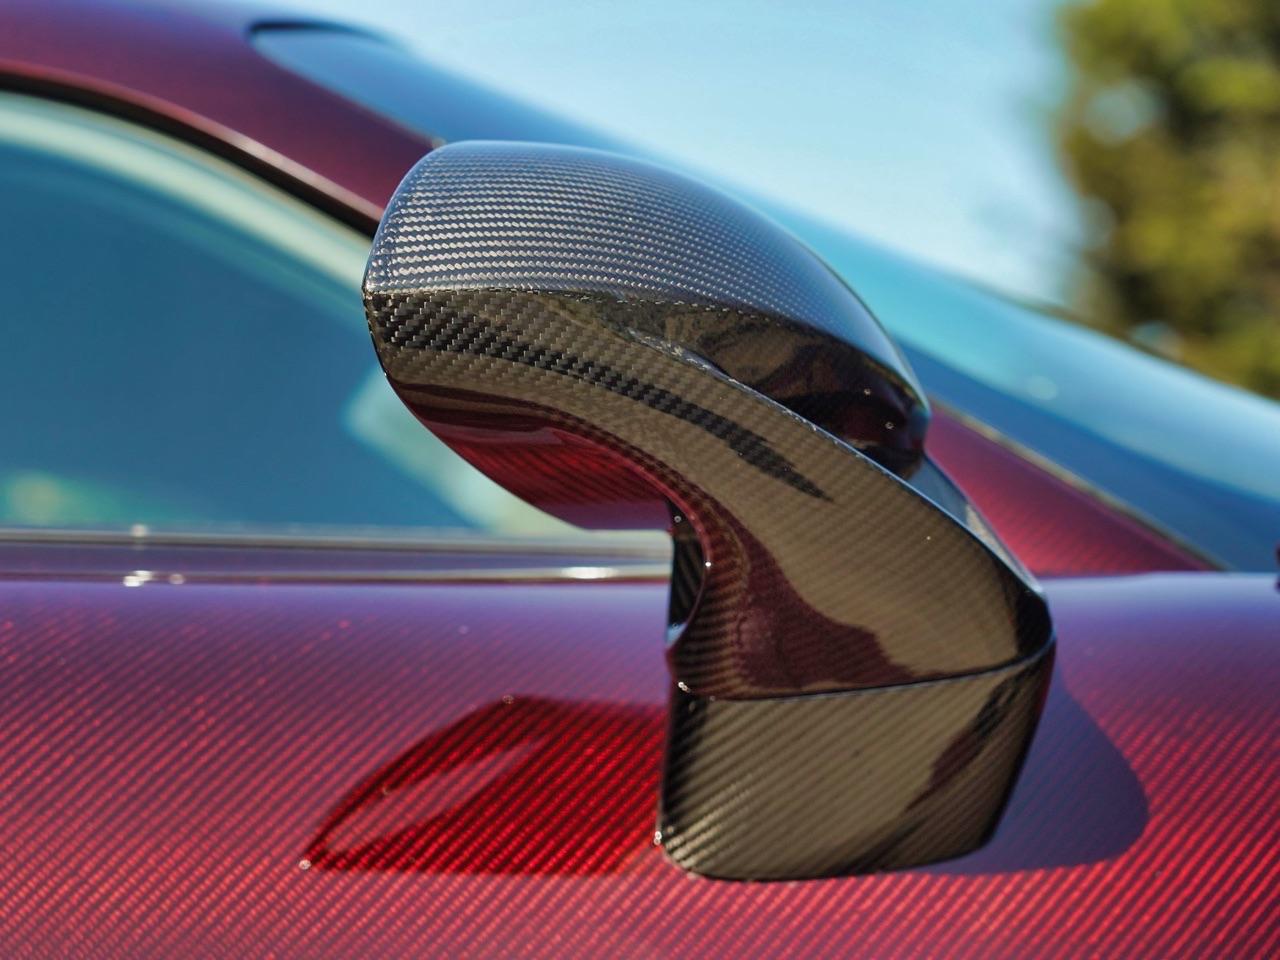 Noble M600 CarbonSport - Va y avoir du carbone et du... sport ! 7